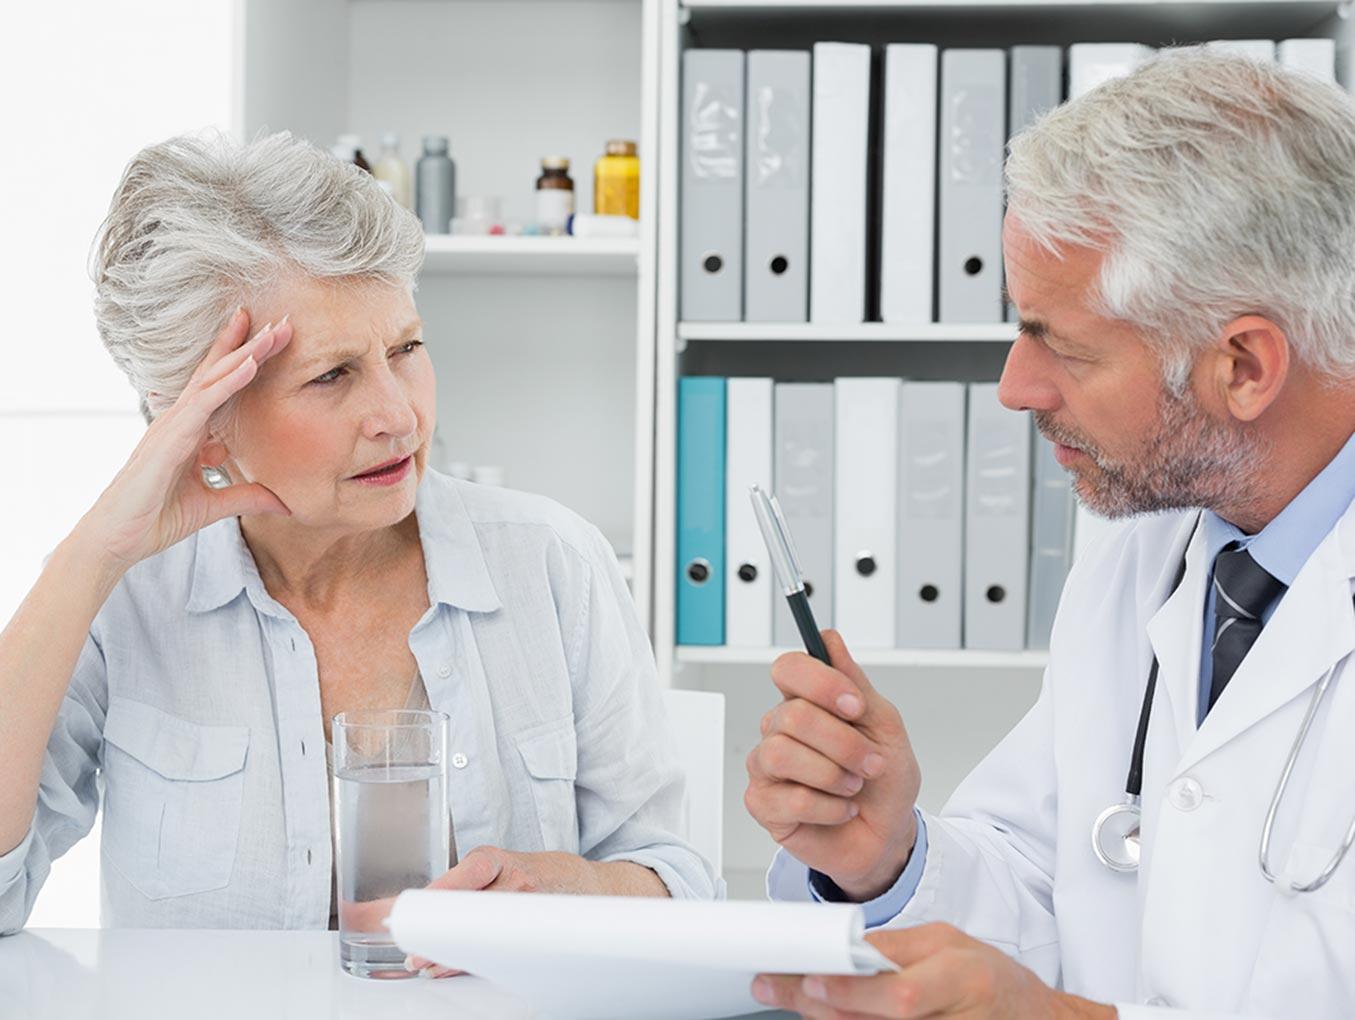 Uma única sessão educacional beneficia pacientes com dor lombar crônica